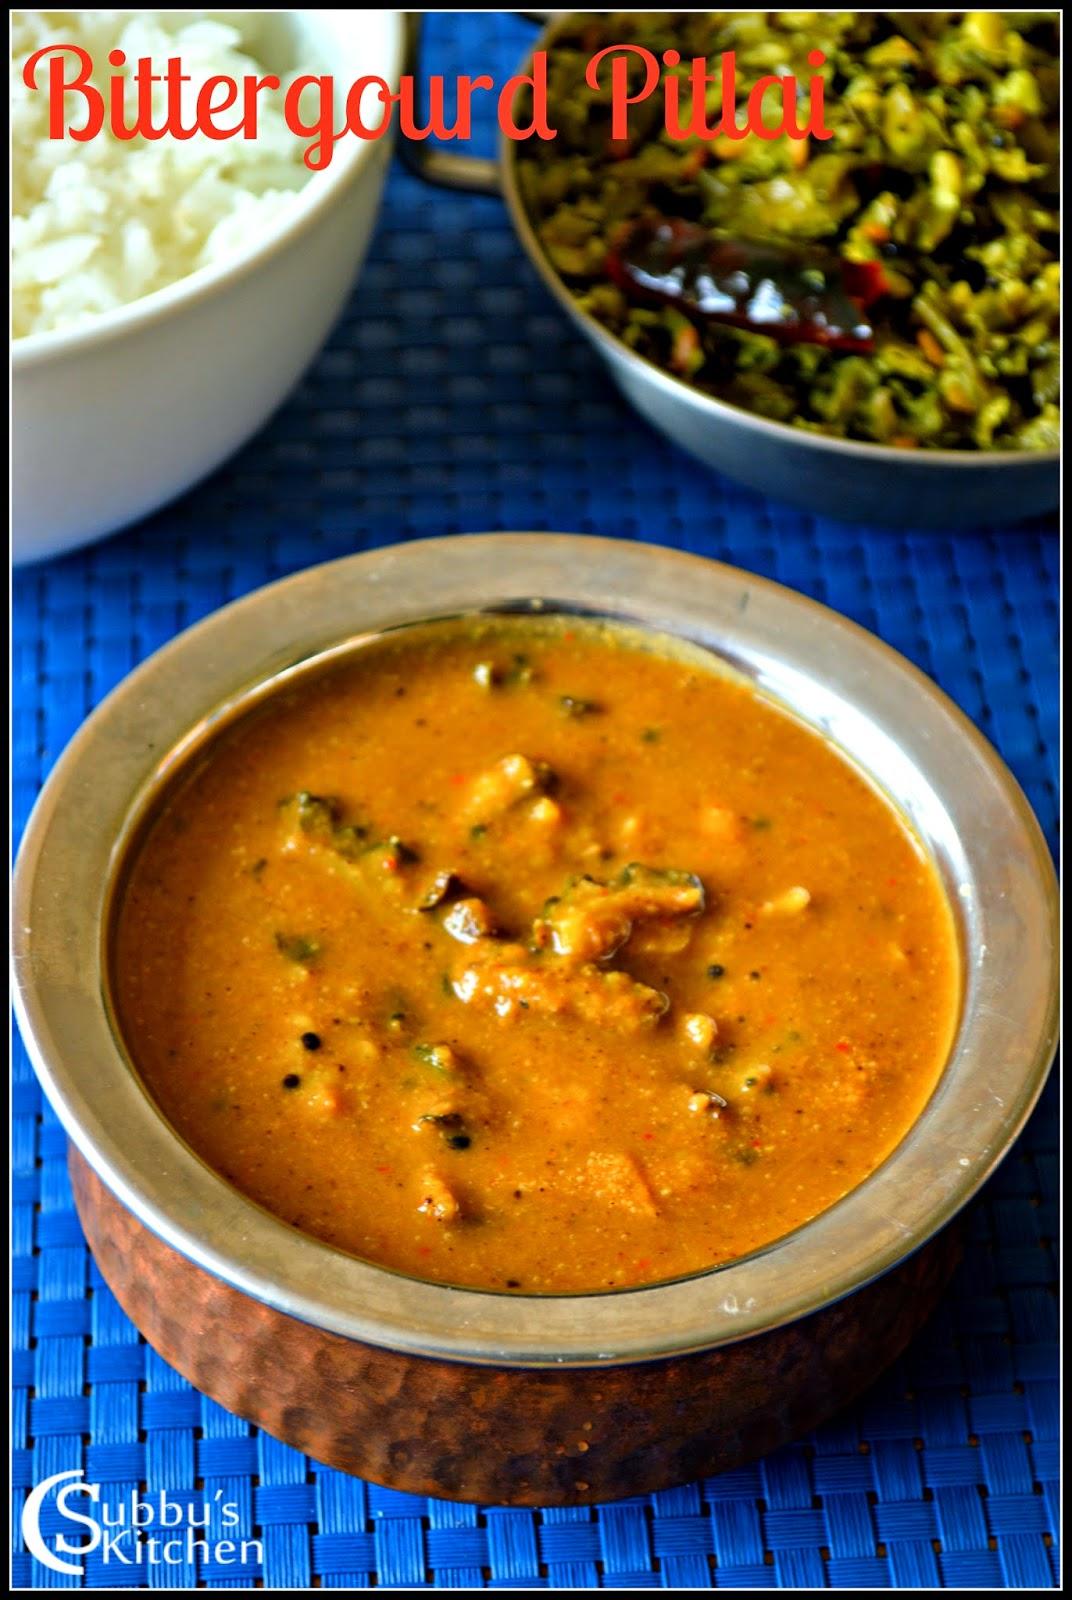 Pakarkaai Pitlai (Bitter gourd Pitlai)